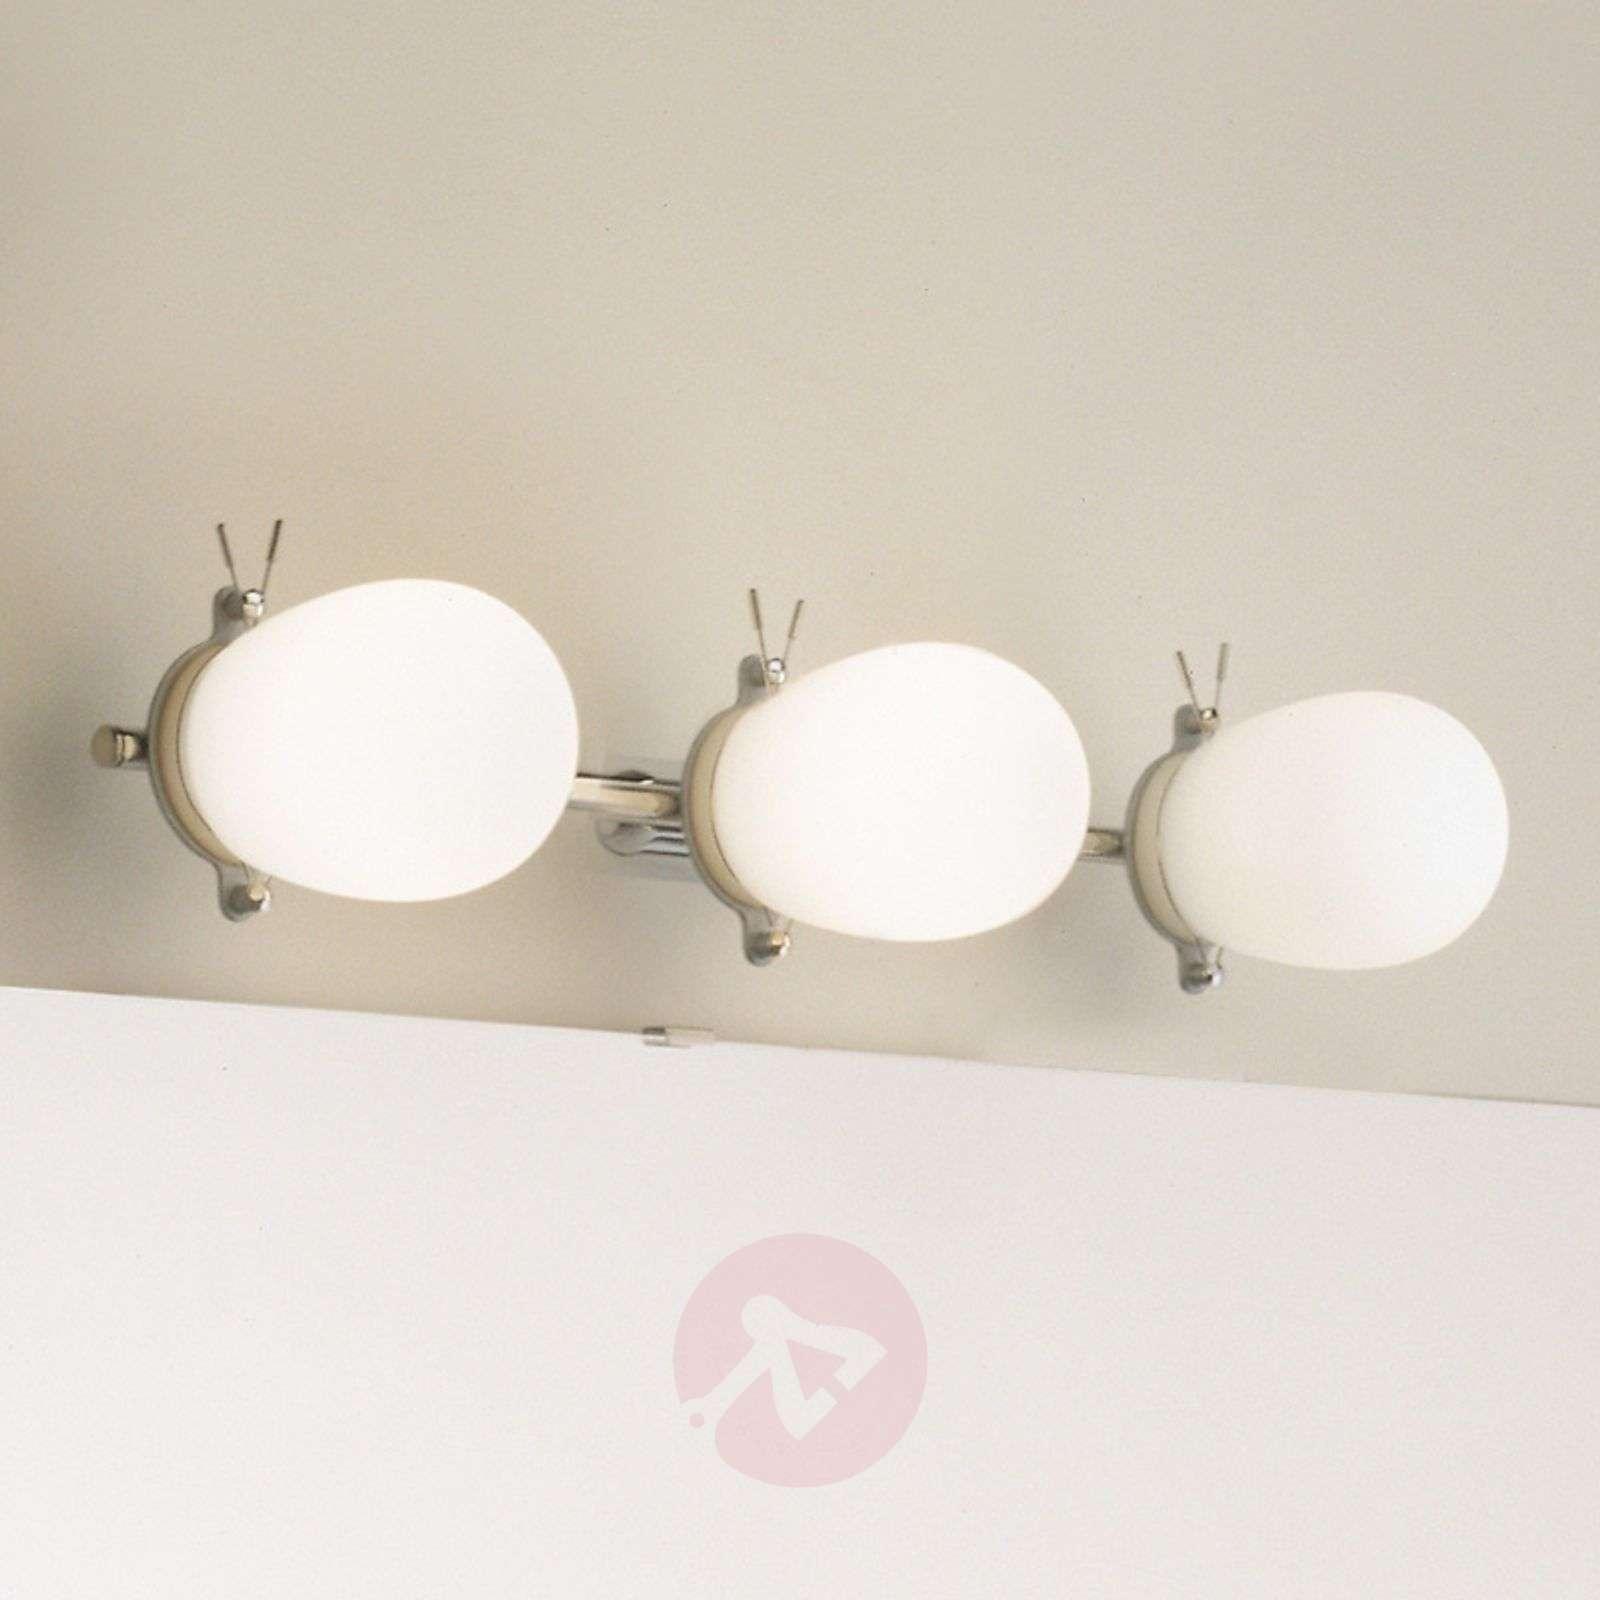 Kaunis kylpyhuoneen seinävalaisin Bano, 3 lamppua-6708040-01